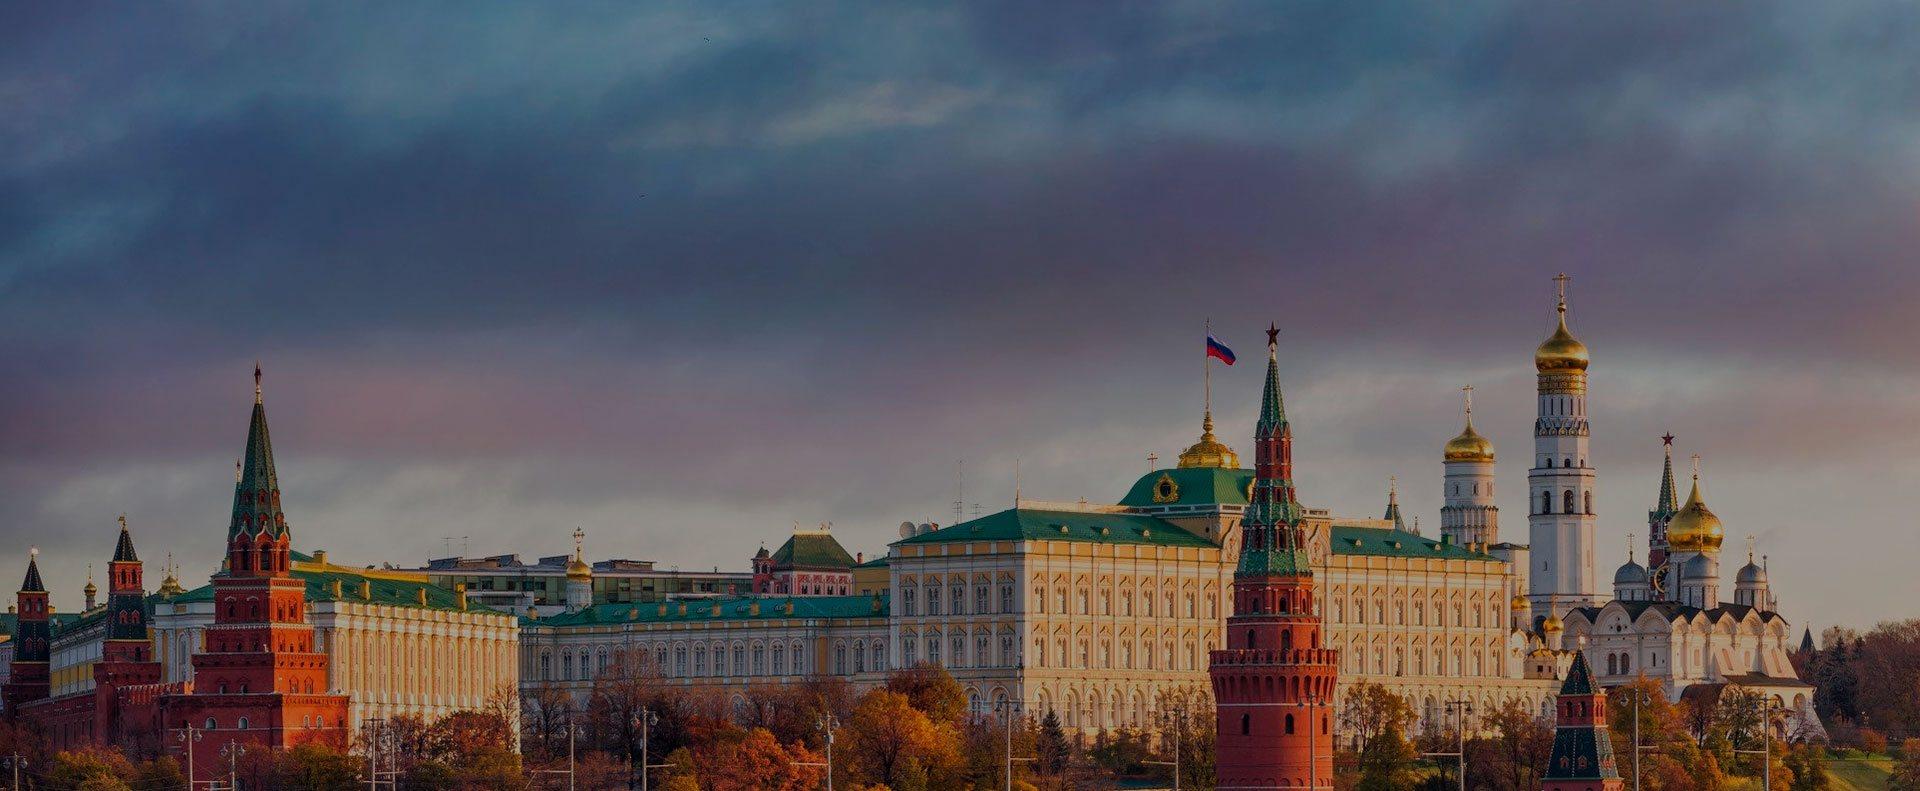 вакансии в москве юридическая консультация